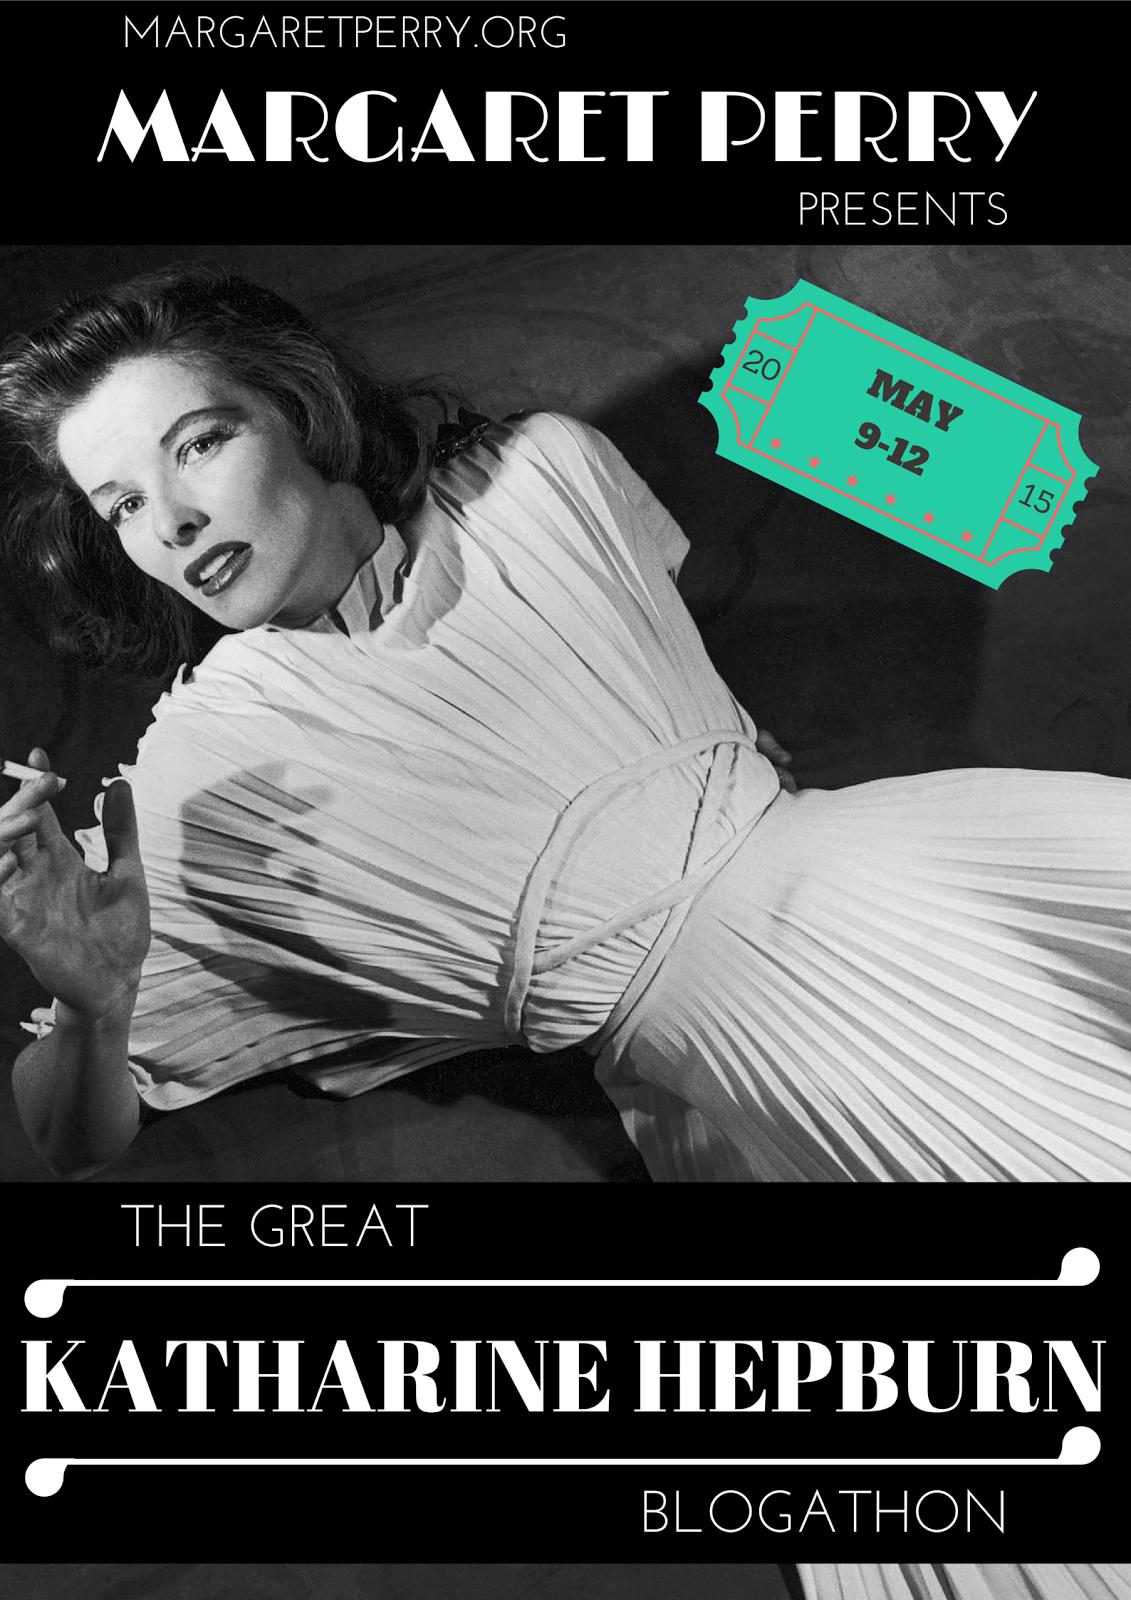 Katharine Hepburn Blogathon